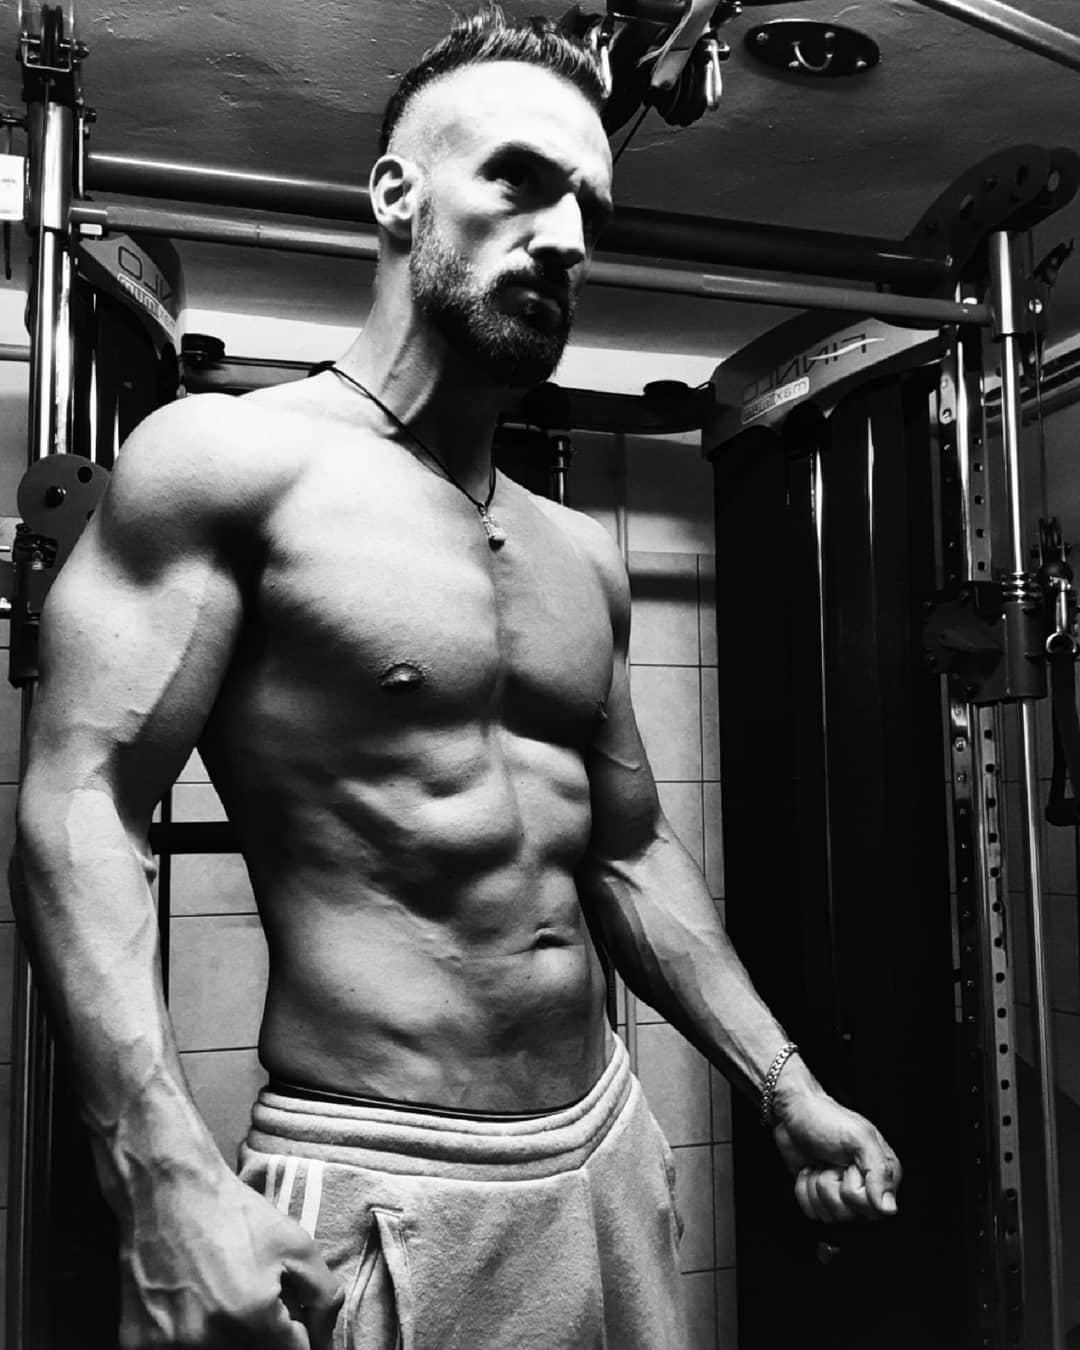 Die wirklich harten Kämpfe, führen wir nicht draußen mit den Muskeln, auf der Arbeit, beim Sport etc… diese Kämpfe führen wir tief in uns selbst und sie machen jeden Tag erneut zu einem nie enden wollenden Kampf über unzählige Runden … solange, bis wir endlich herausfinden, dass wir mit uns selbst Frieden schließen müssen, um zu gewinnen….#quote #german #deutsch #fitness #body #blackandwhite #mrgrey #abs #sixpack #fitfam #fitfamgermany #mcfit #mcfitberlin #crunchfit #johnreed #superfit #fitnessfirst #strong #decisions #berlin #berliner #fitguy #instagood #instalike #picoftheday #selfie #me #followme